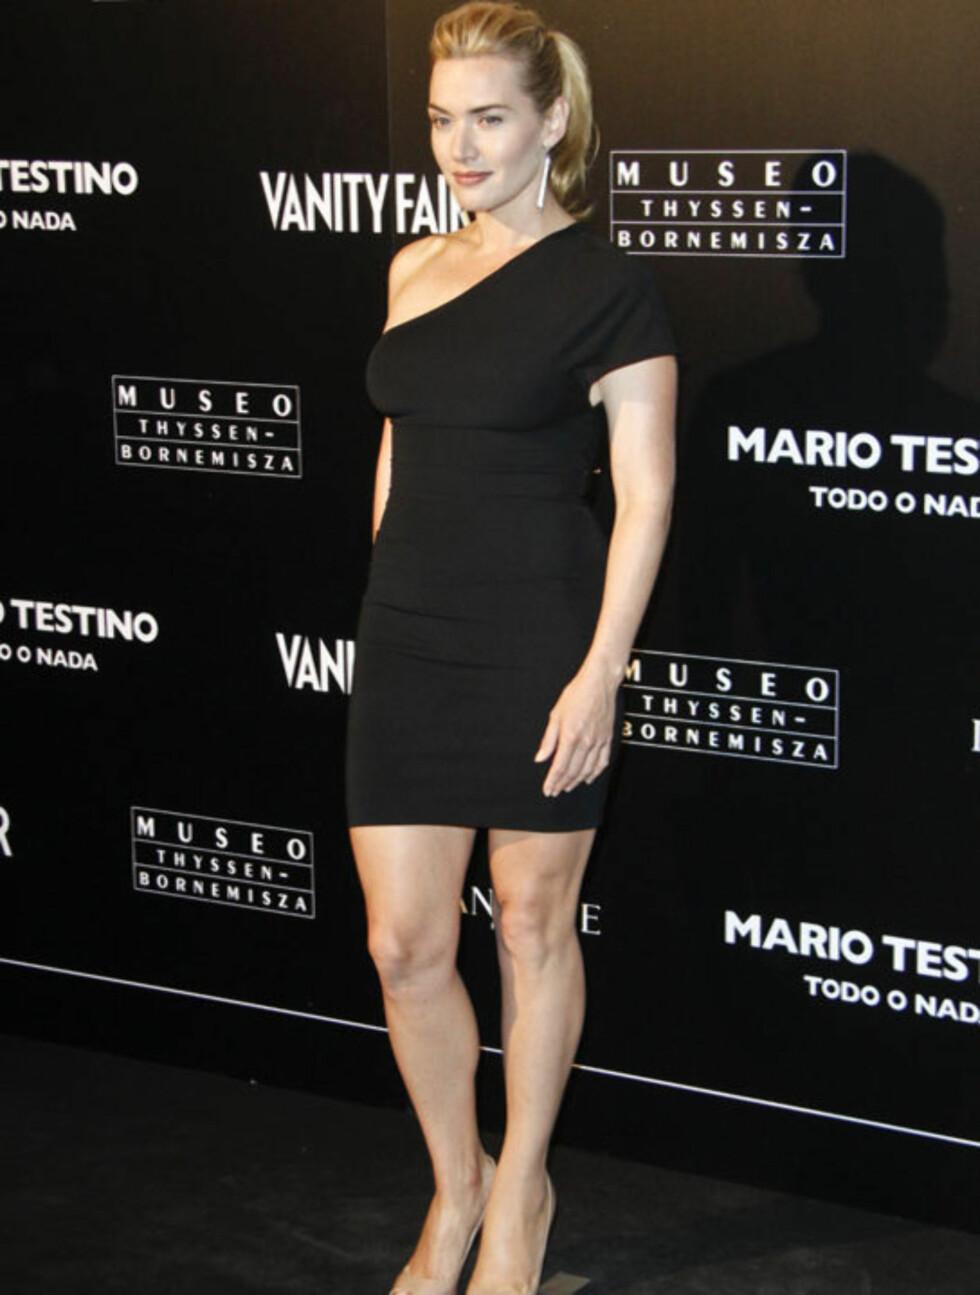 FLOTT: Med sine sterke, klassiske trekk trenger ikke Kate Winslet mye ekstra staffasje for å stråle på den - sorte -løperen. Her avbildet på åpningen av en ny Mario Testino-utstilling i Madrid. Foto: All Over Press